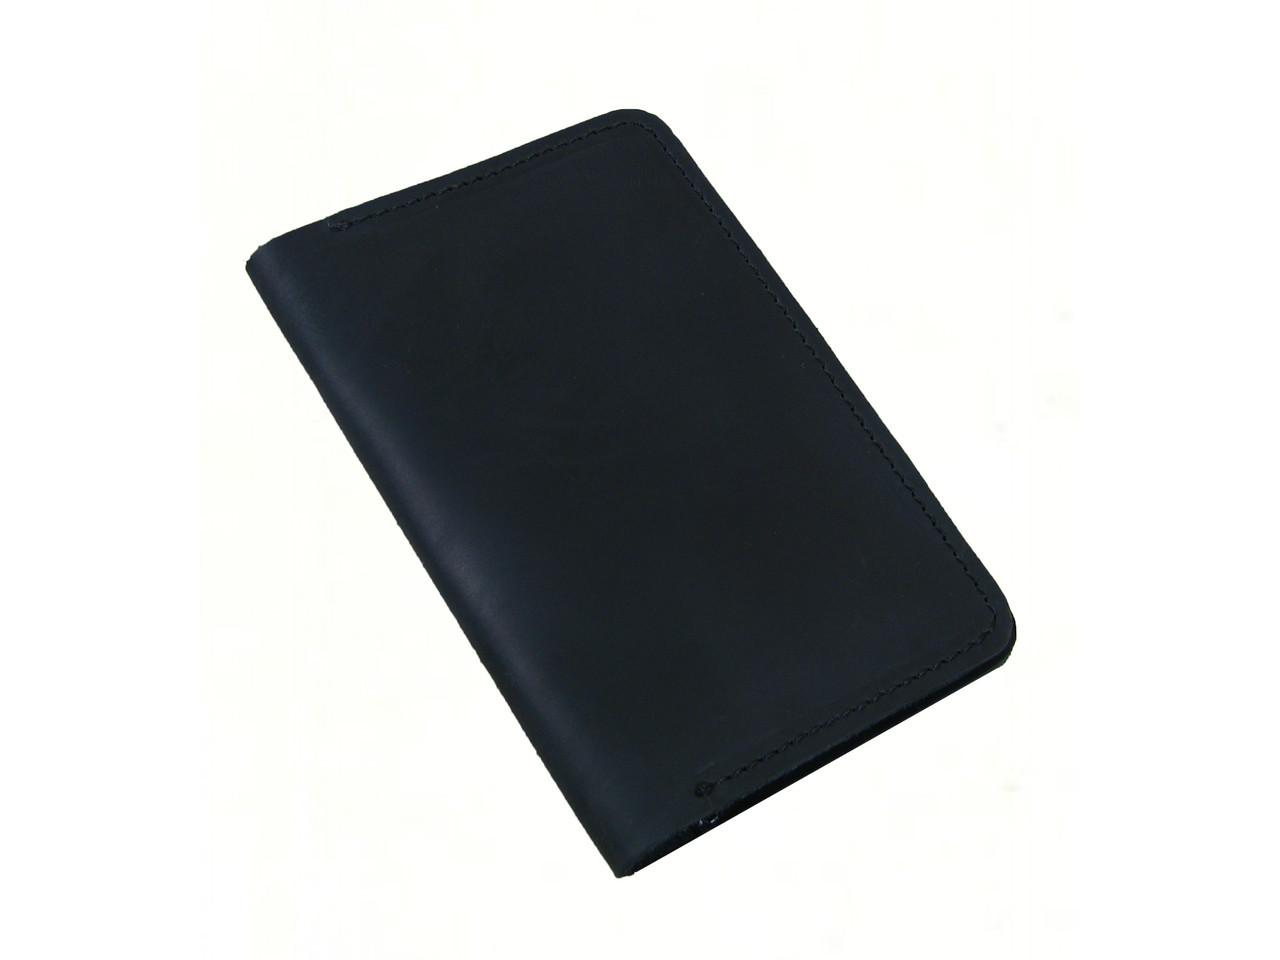 Обложка для паспорта GS кожаная черная